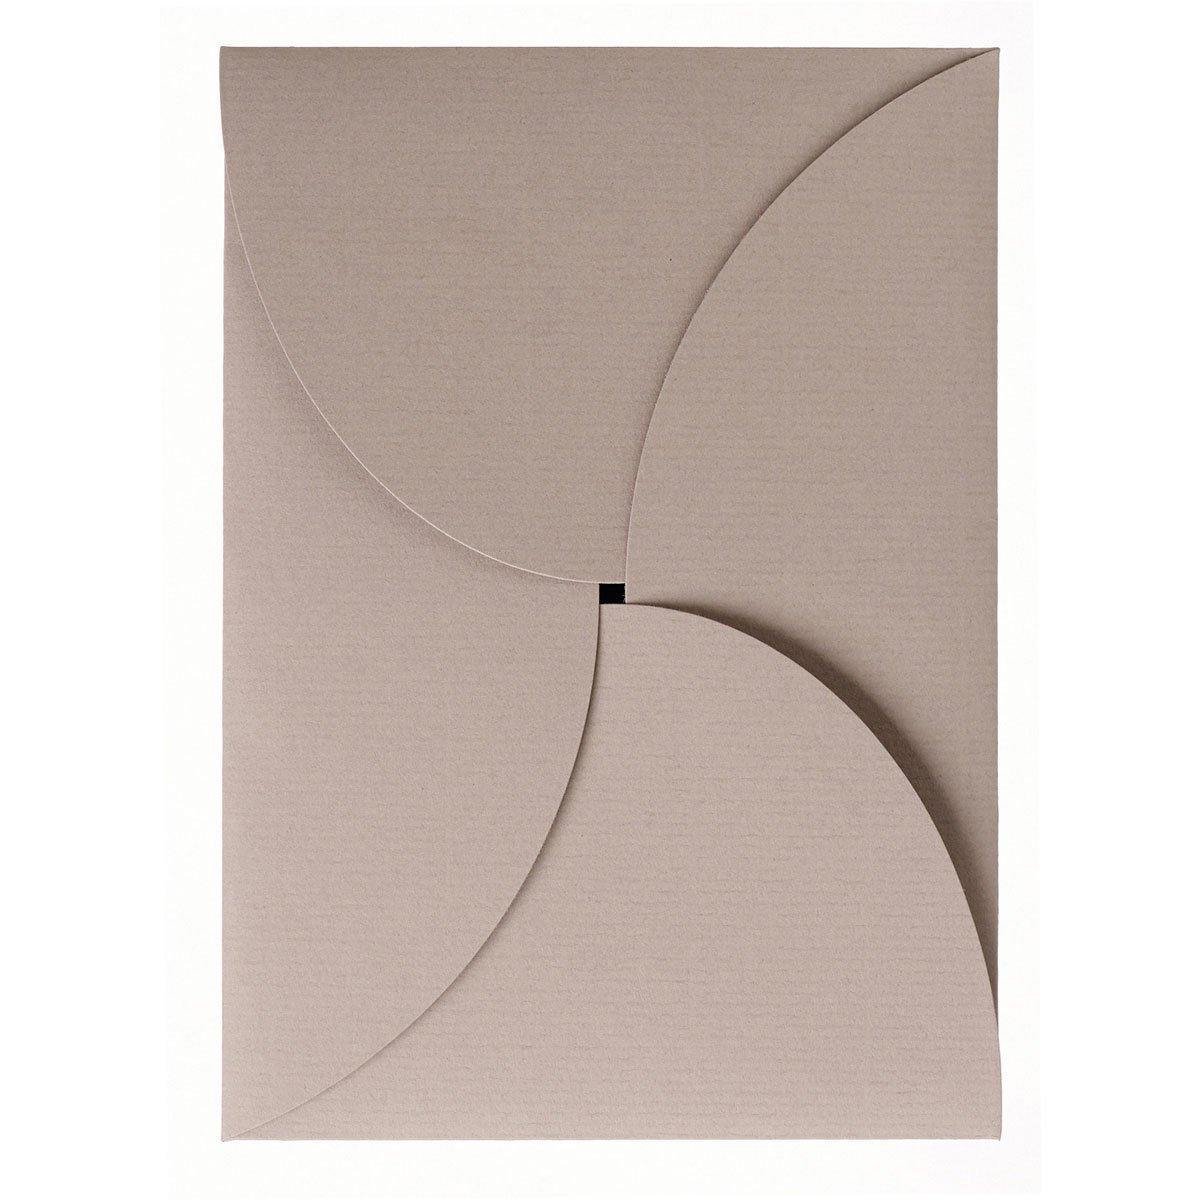 Rössler Papier - - P.S. Karte, Twist B6, Taupe, gerippt, gerippt, gerippt, 220 g m² - Liefermenge  25 Stück B07CX6Y1W9 |   505336